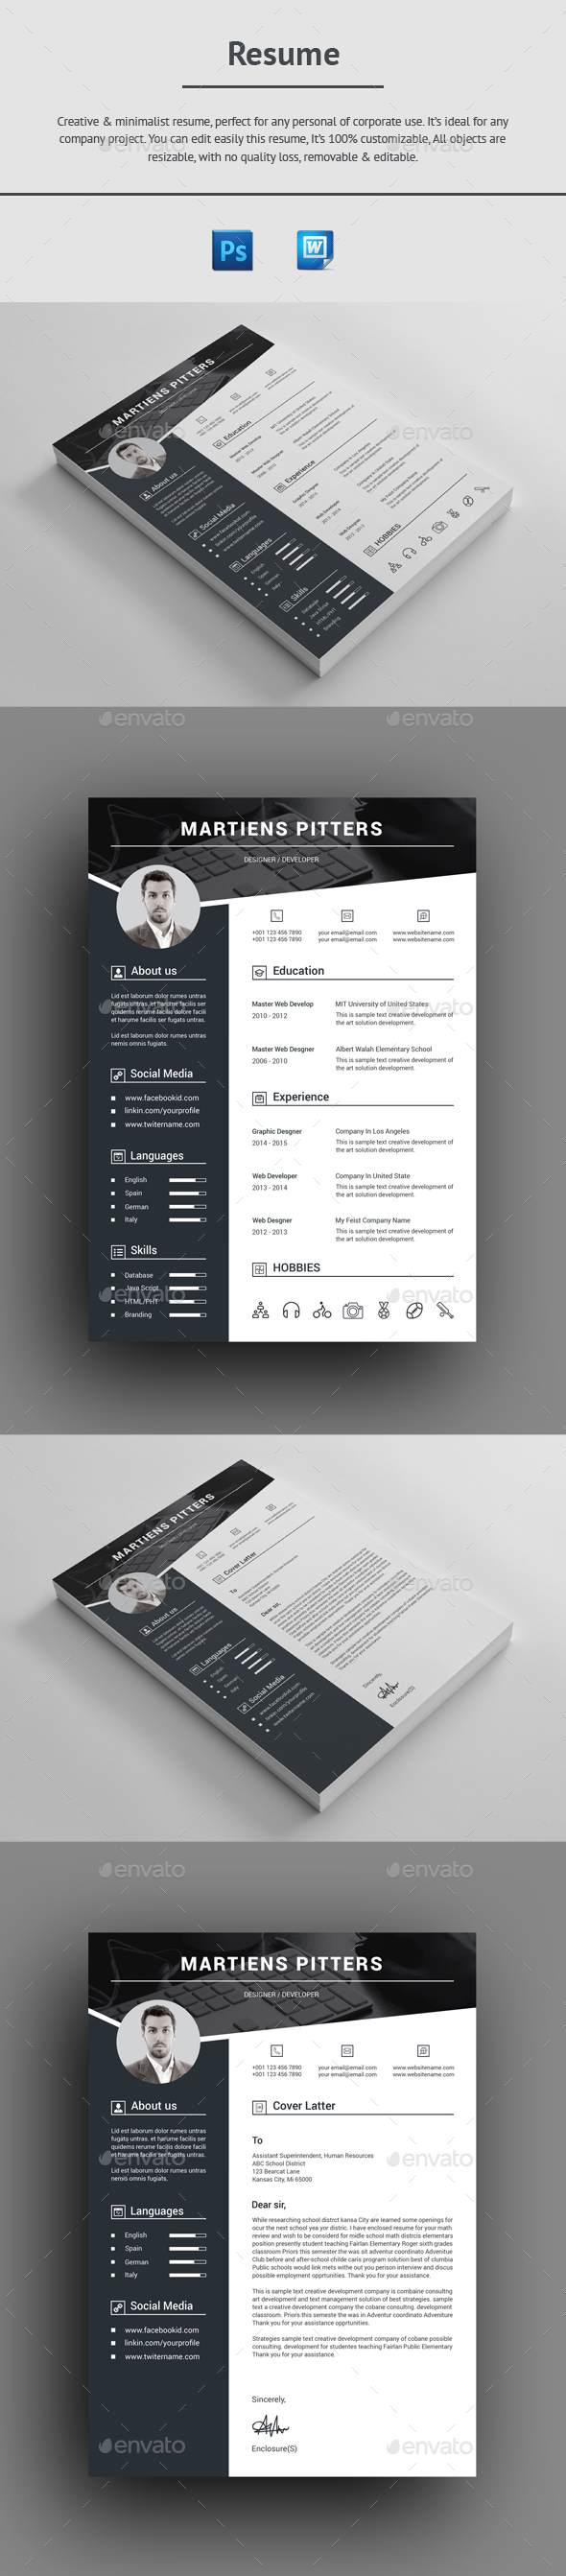 GraphicRiver Resume 20918340